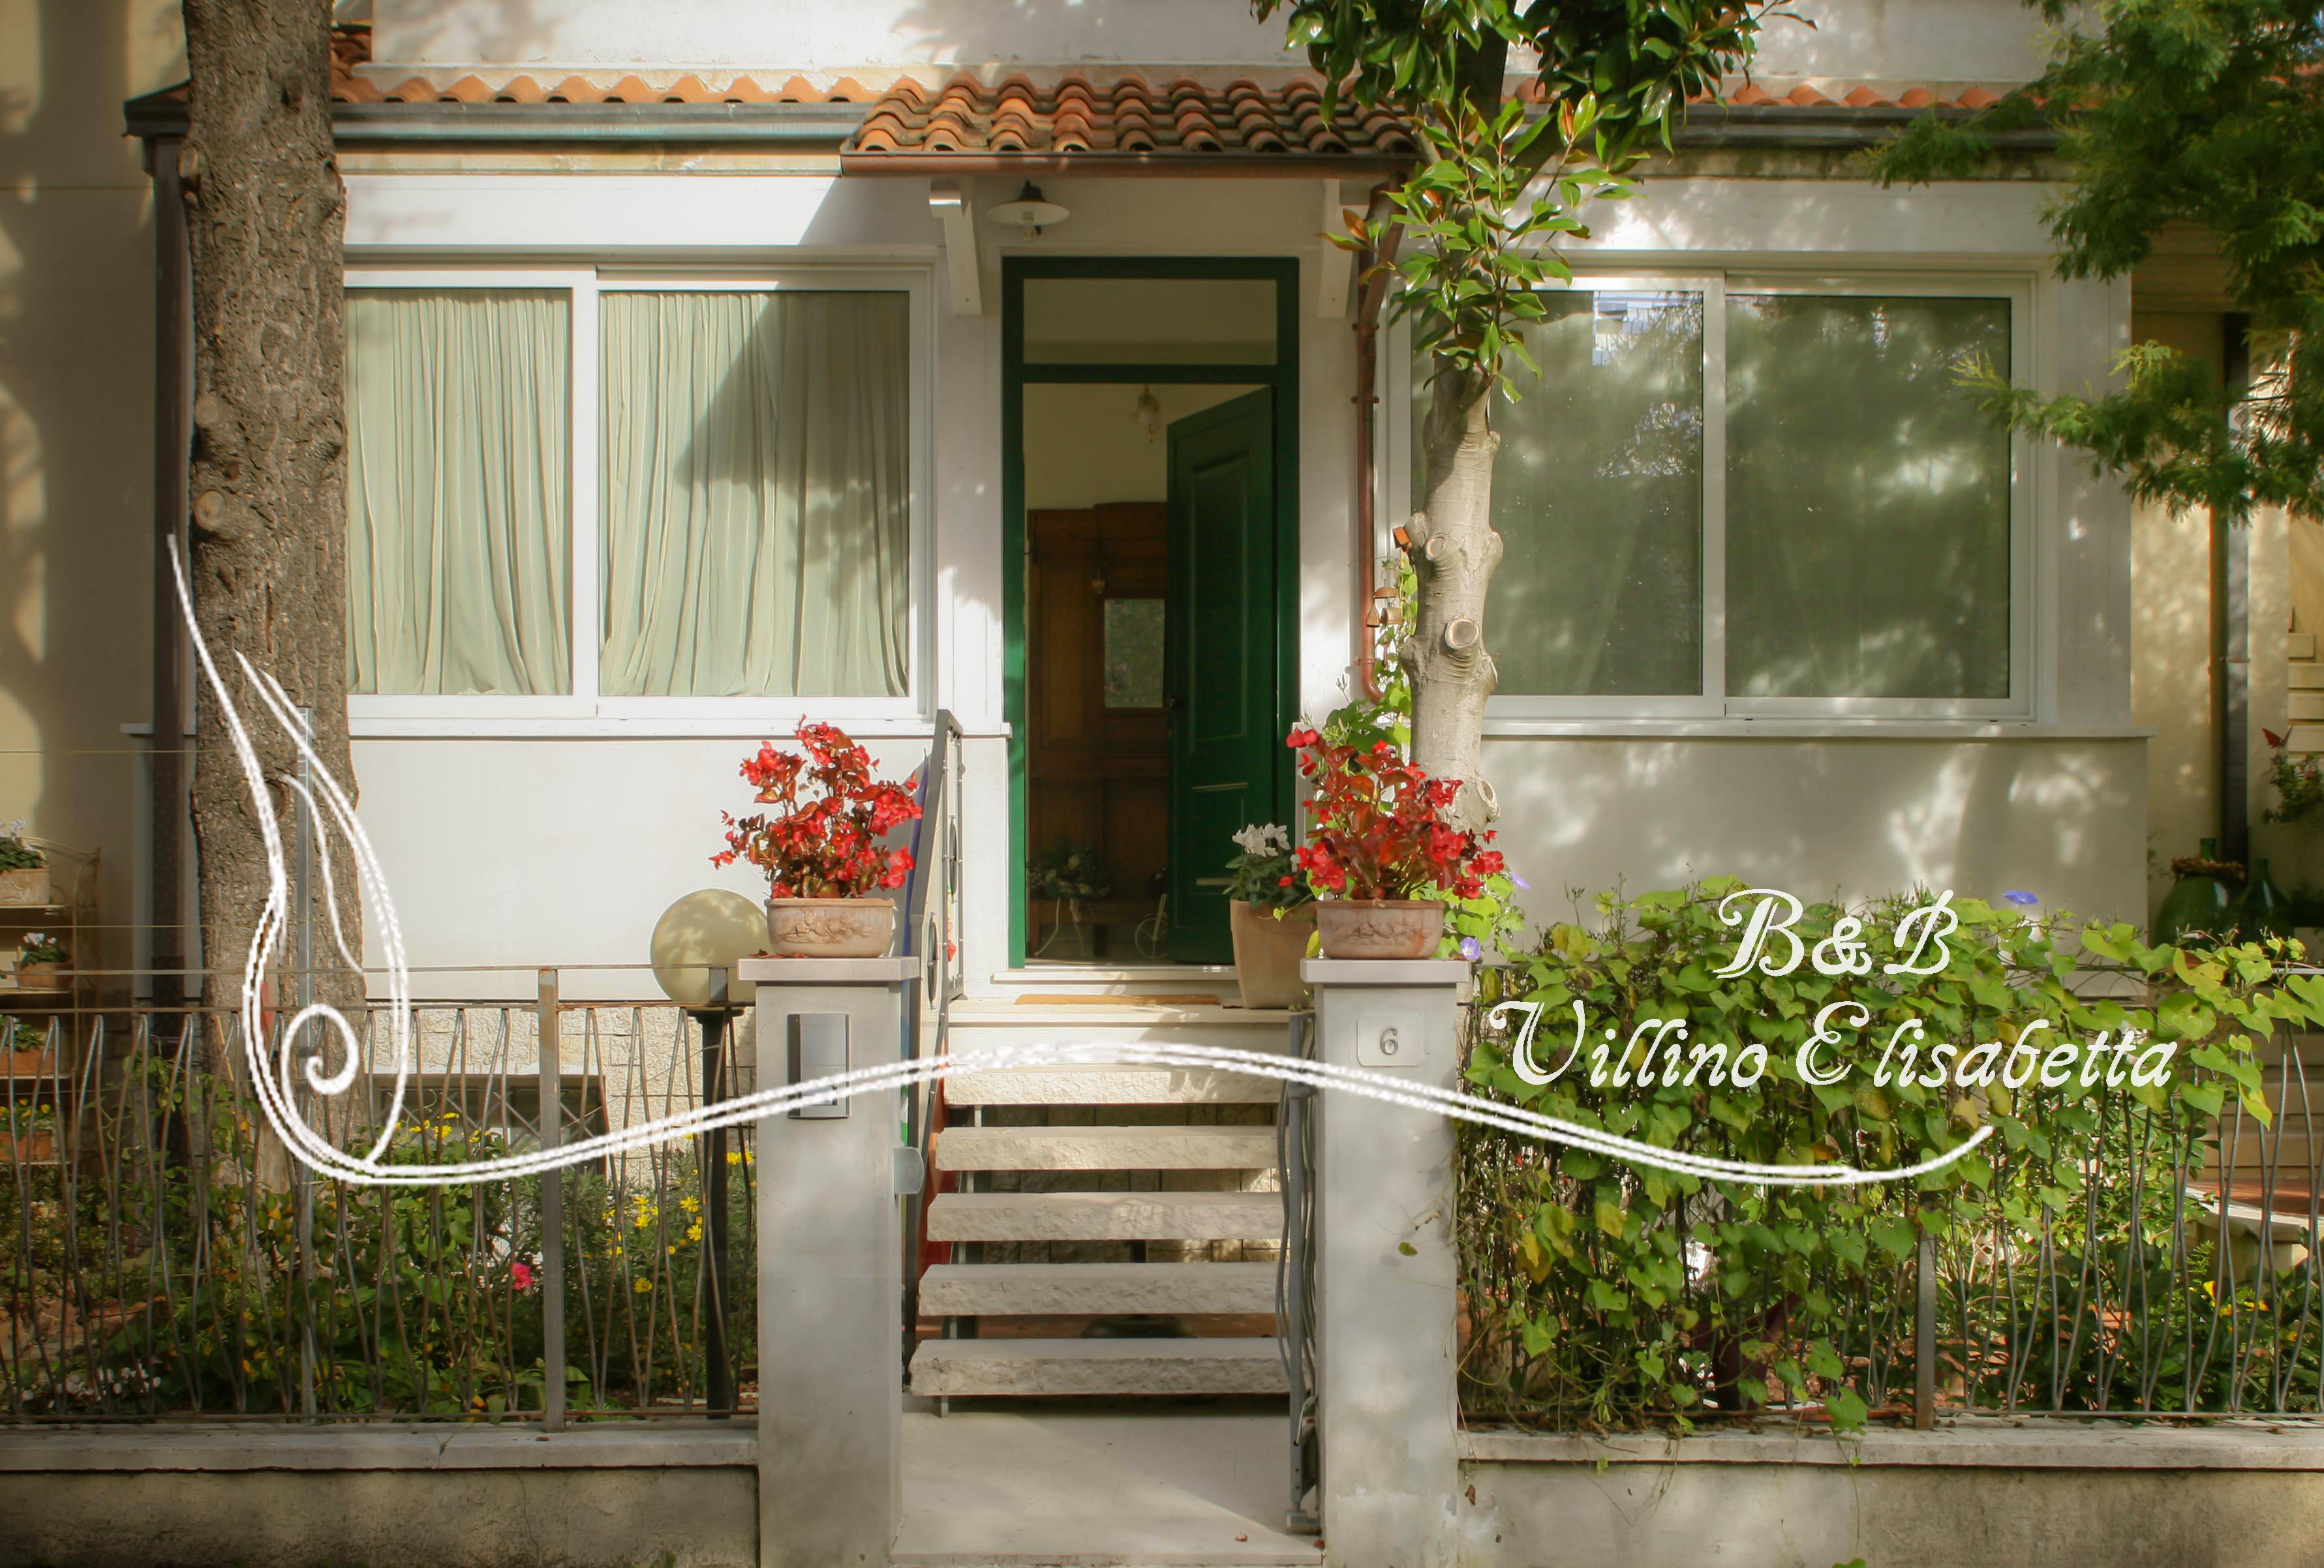 Come Allestire Un B&b b&b villino elisabetta - apartments for rent in fano, marche